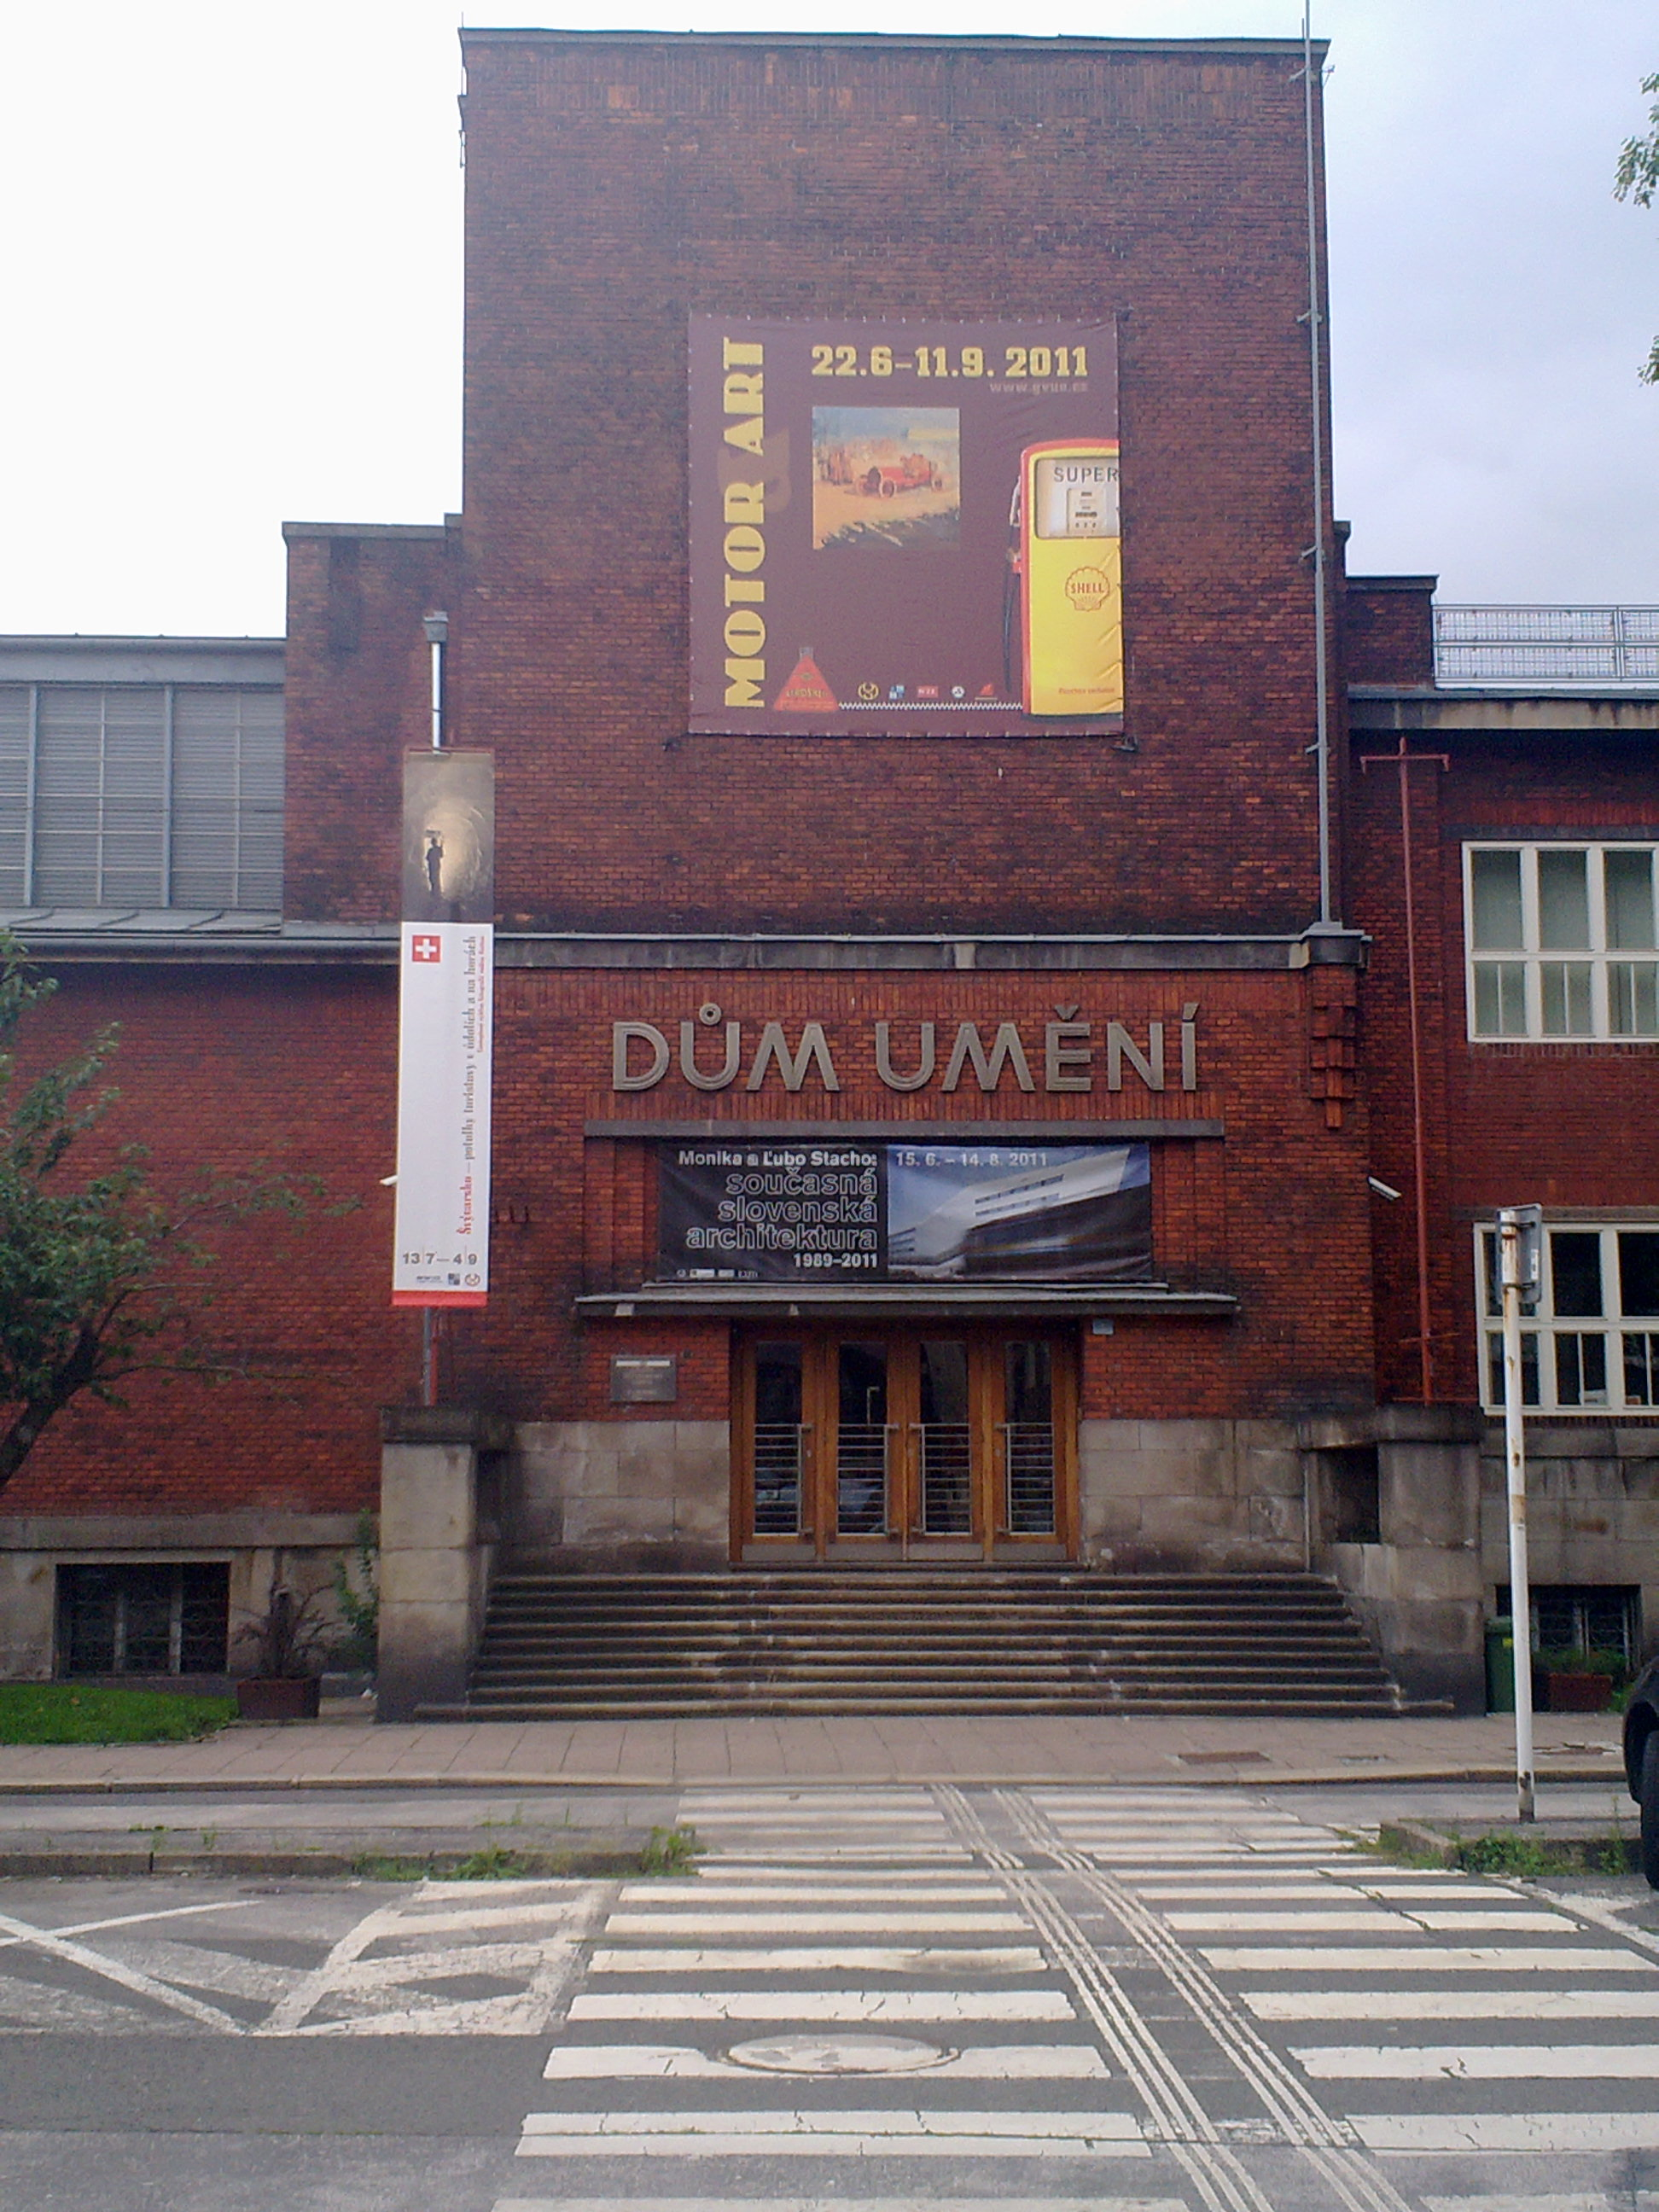 Galerie výtvarného umění (Dům umění) v Ostravě